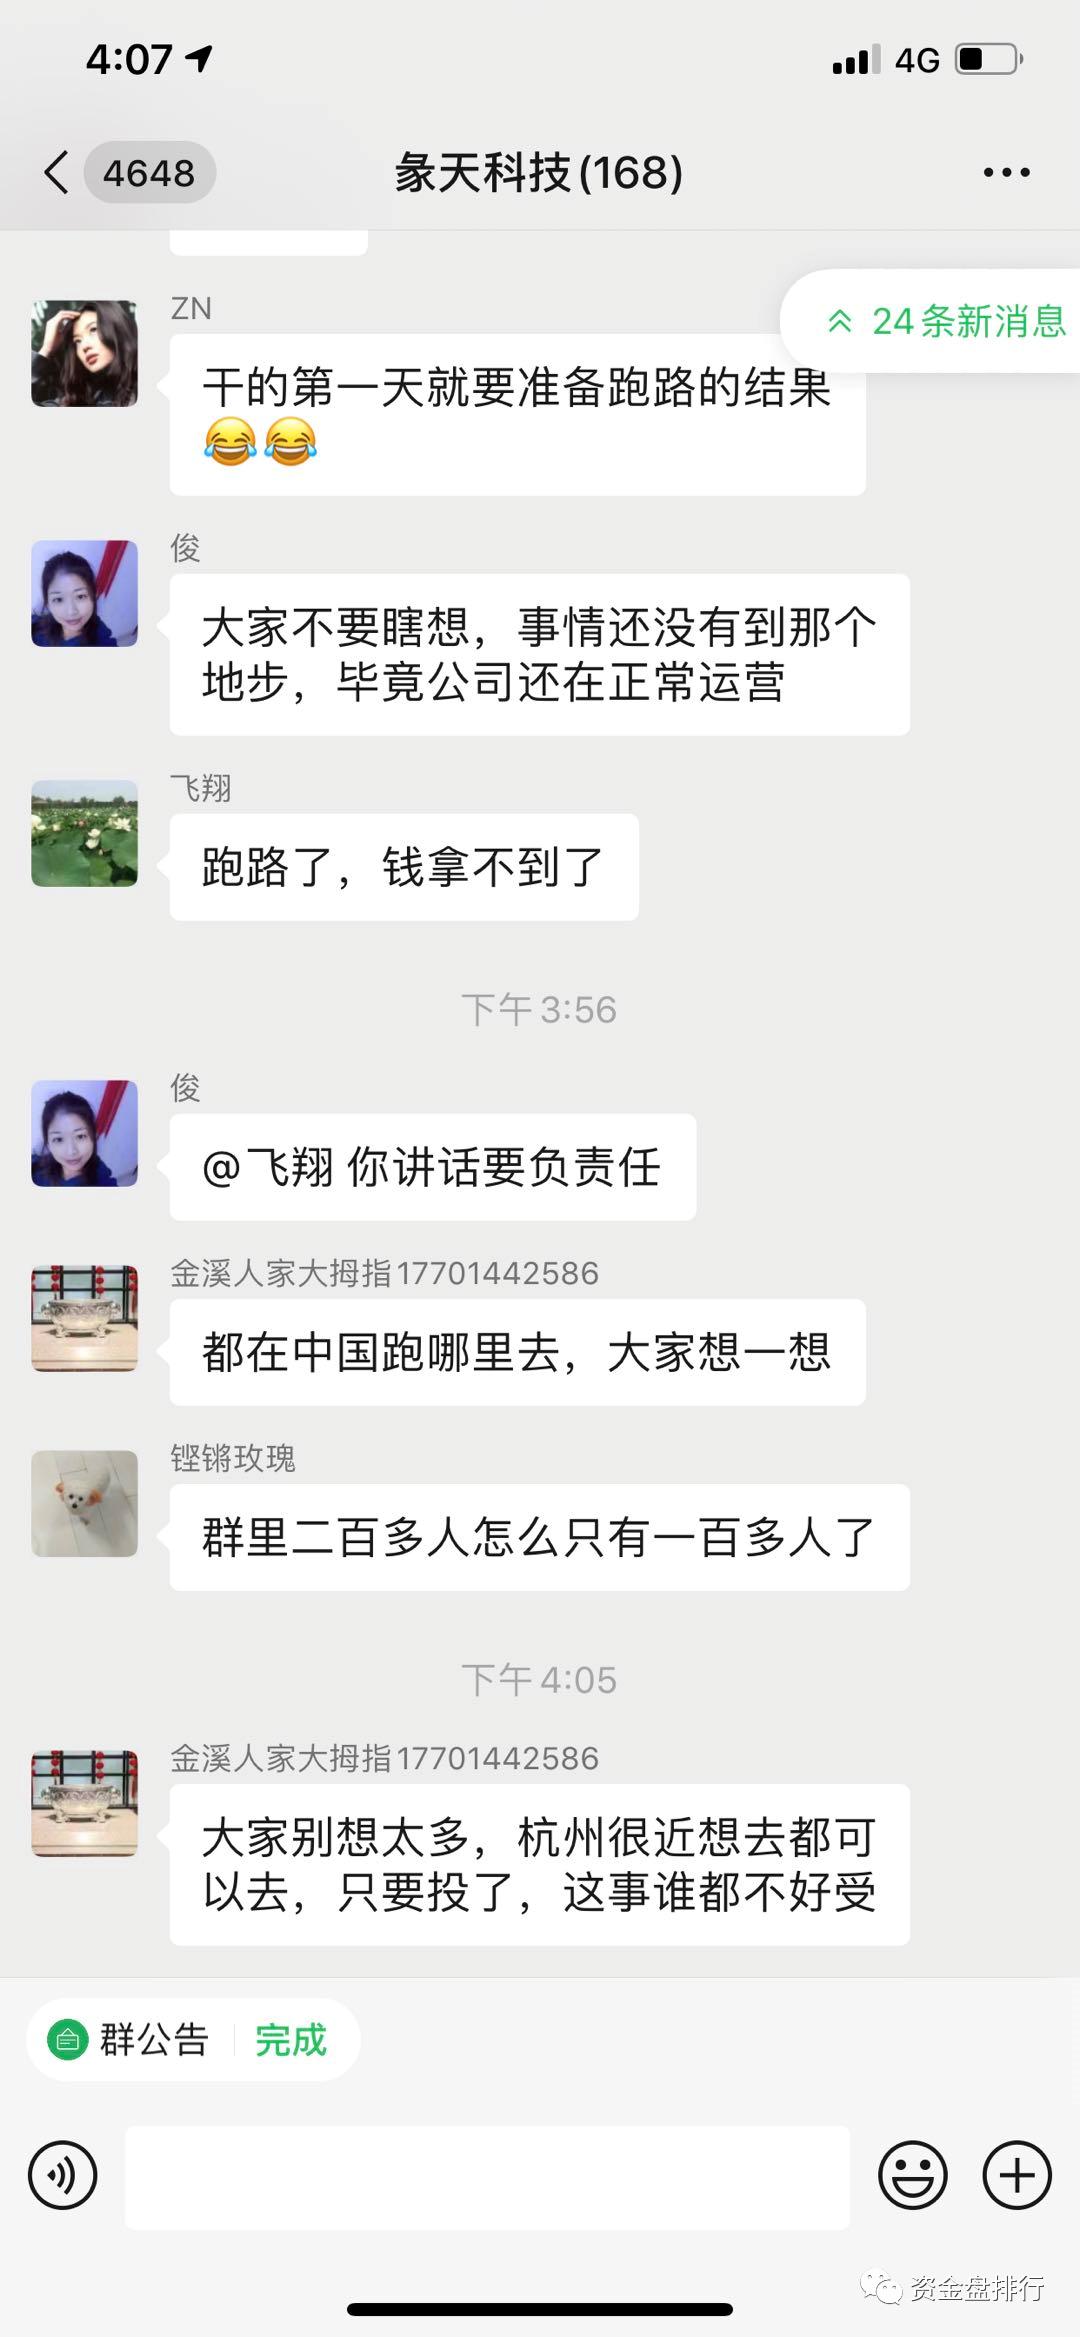 【曝光】又一个打着POC概念挖矿的资金盘跑路!!!